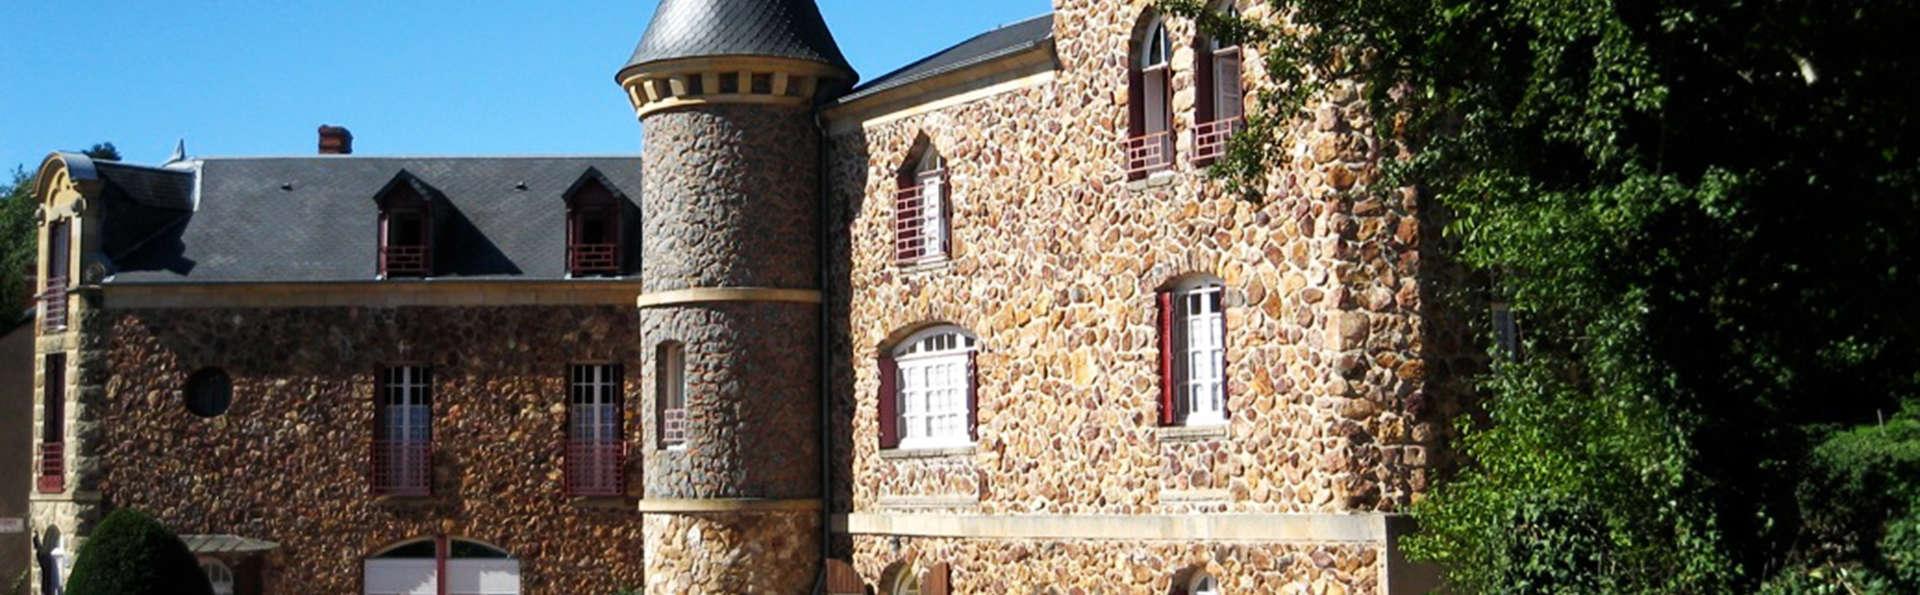 Castel des Cèdres - EDIT_front1.jpg